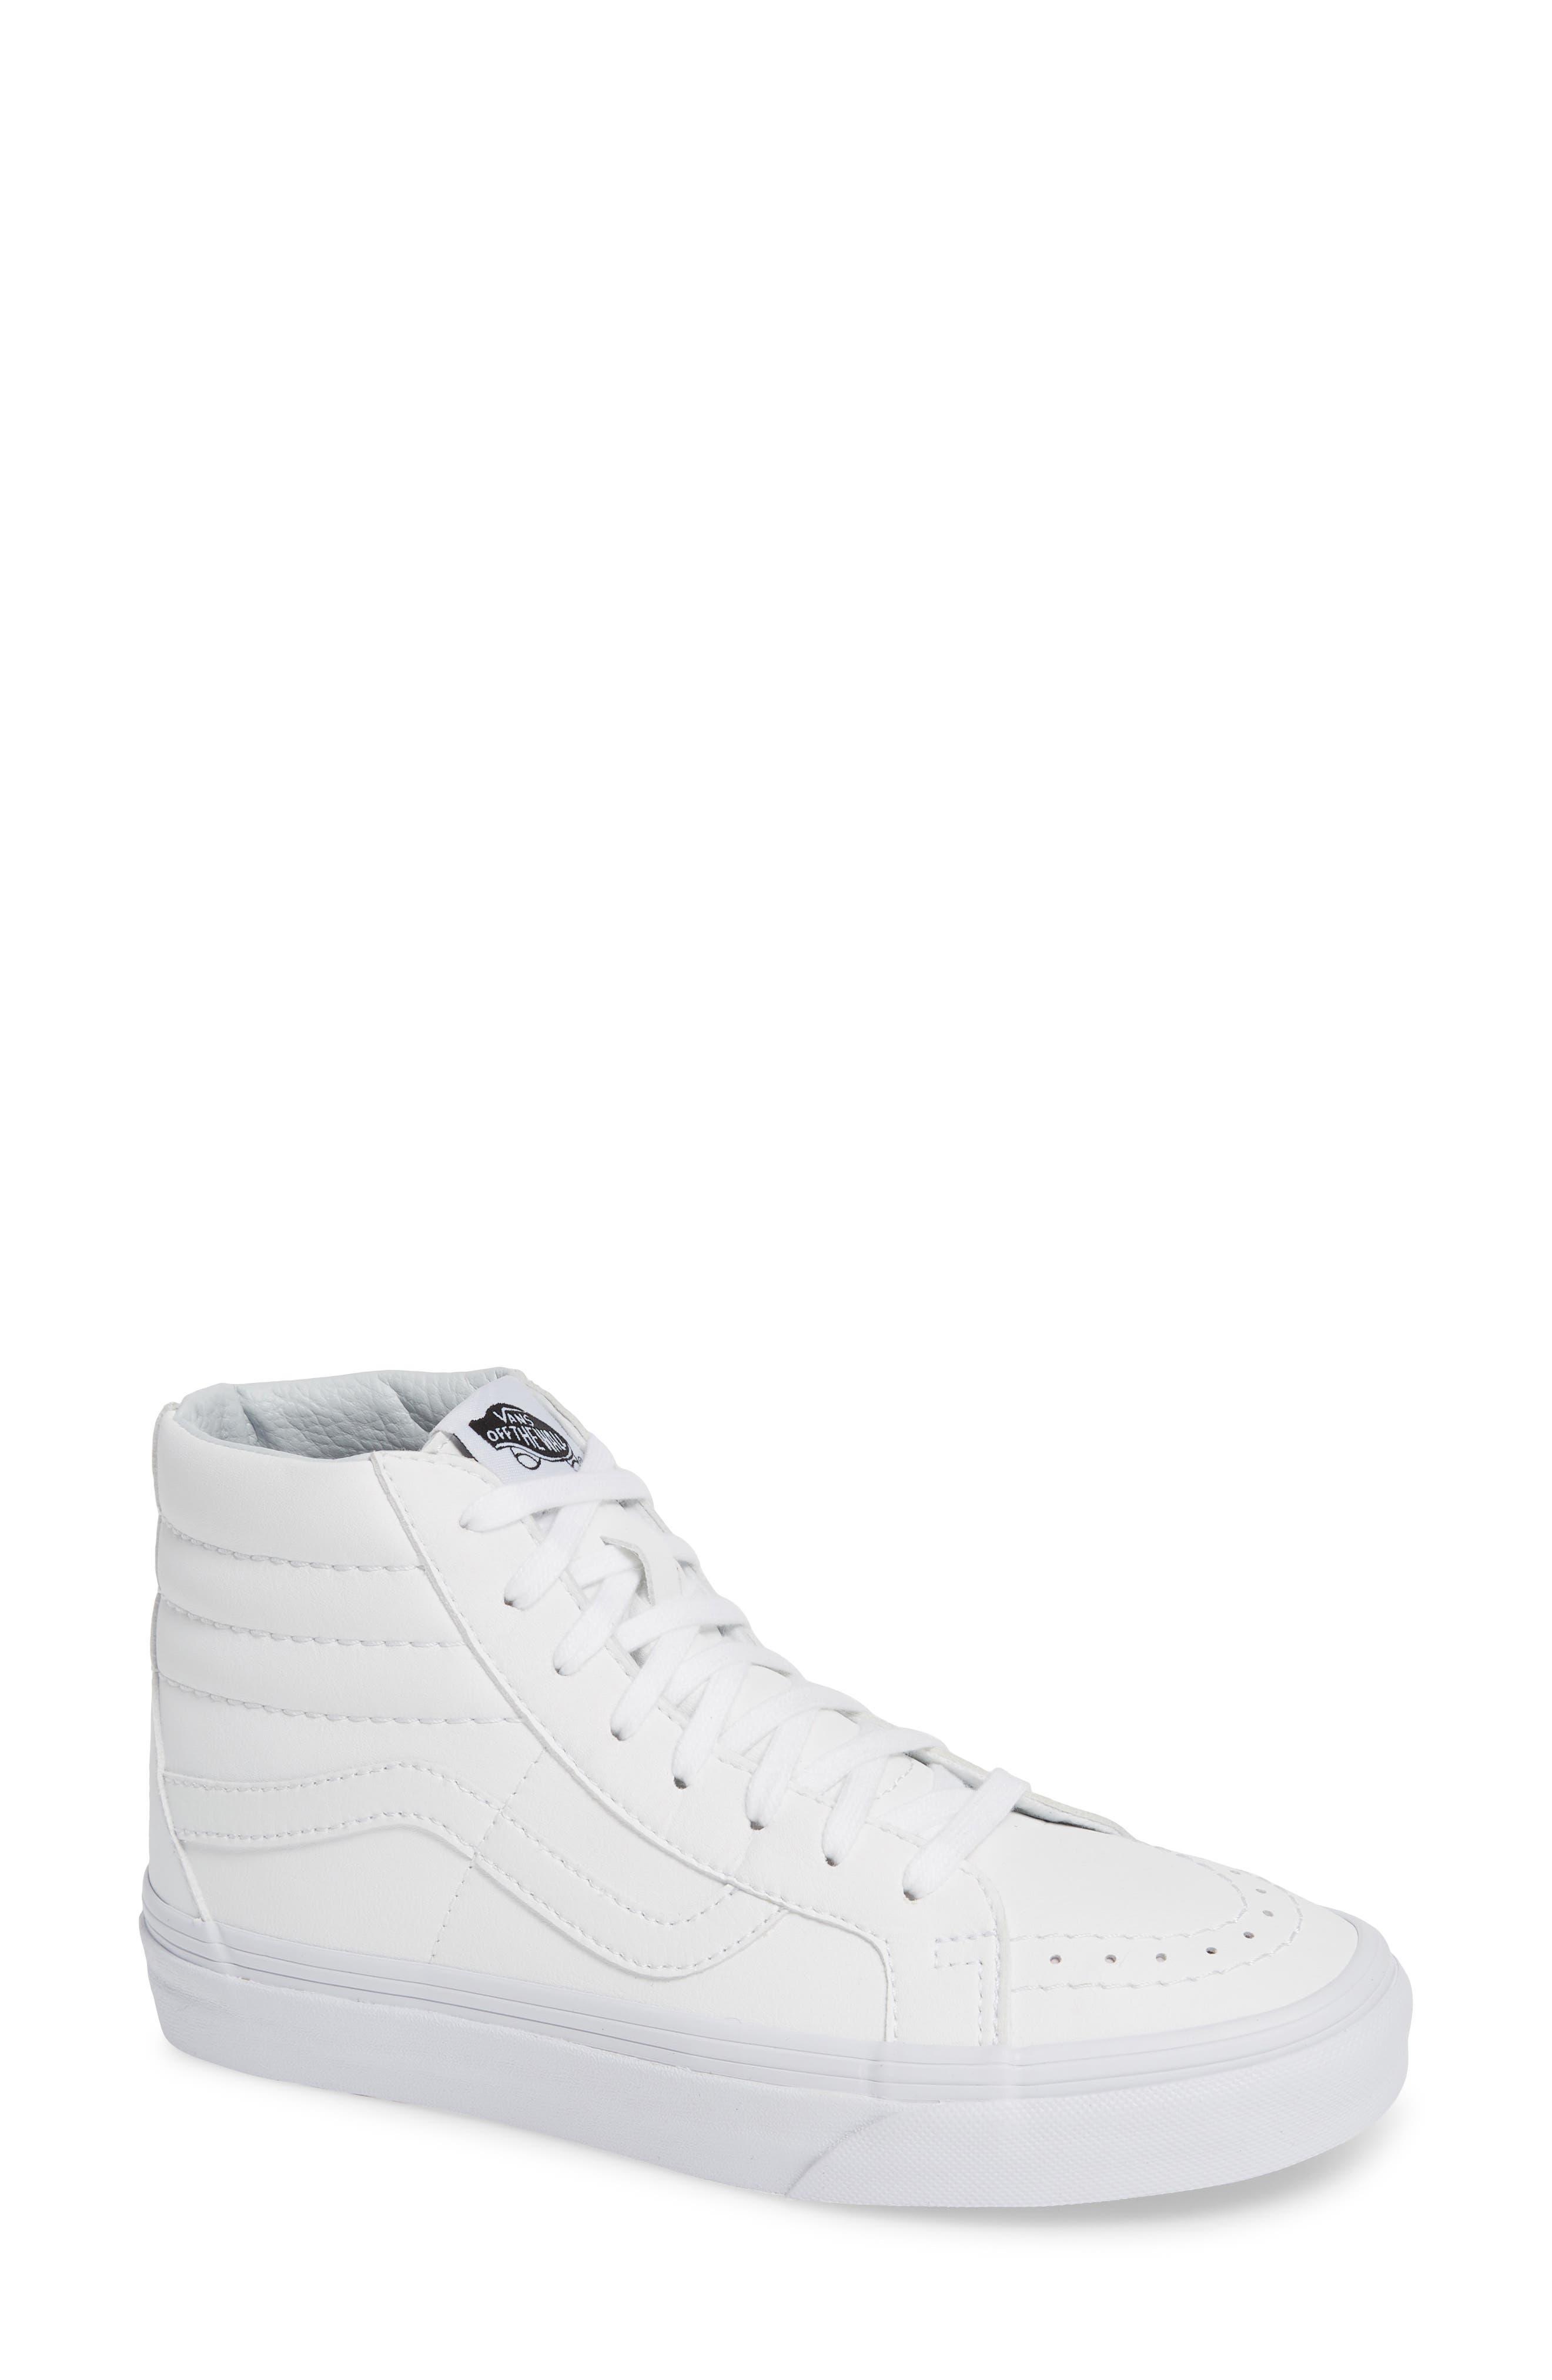 VANS, 'Sk8-Hi Reissue' Sneaker, Main thumbnail 1, color, TRUE WHITE